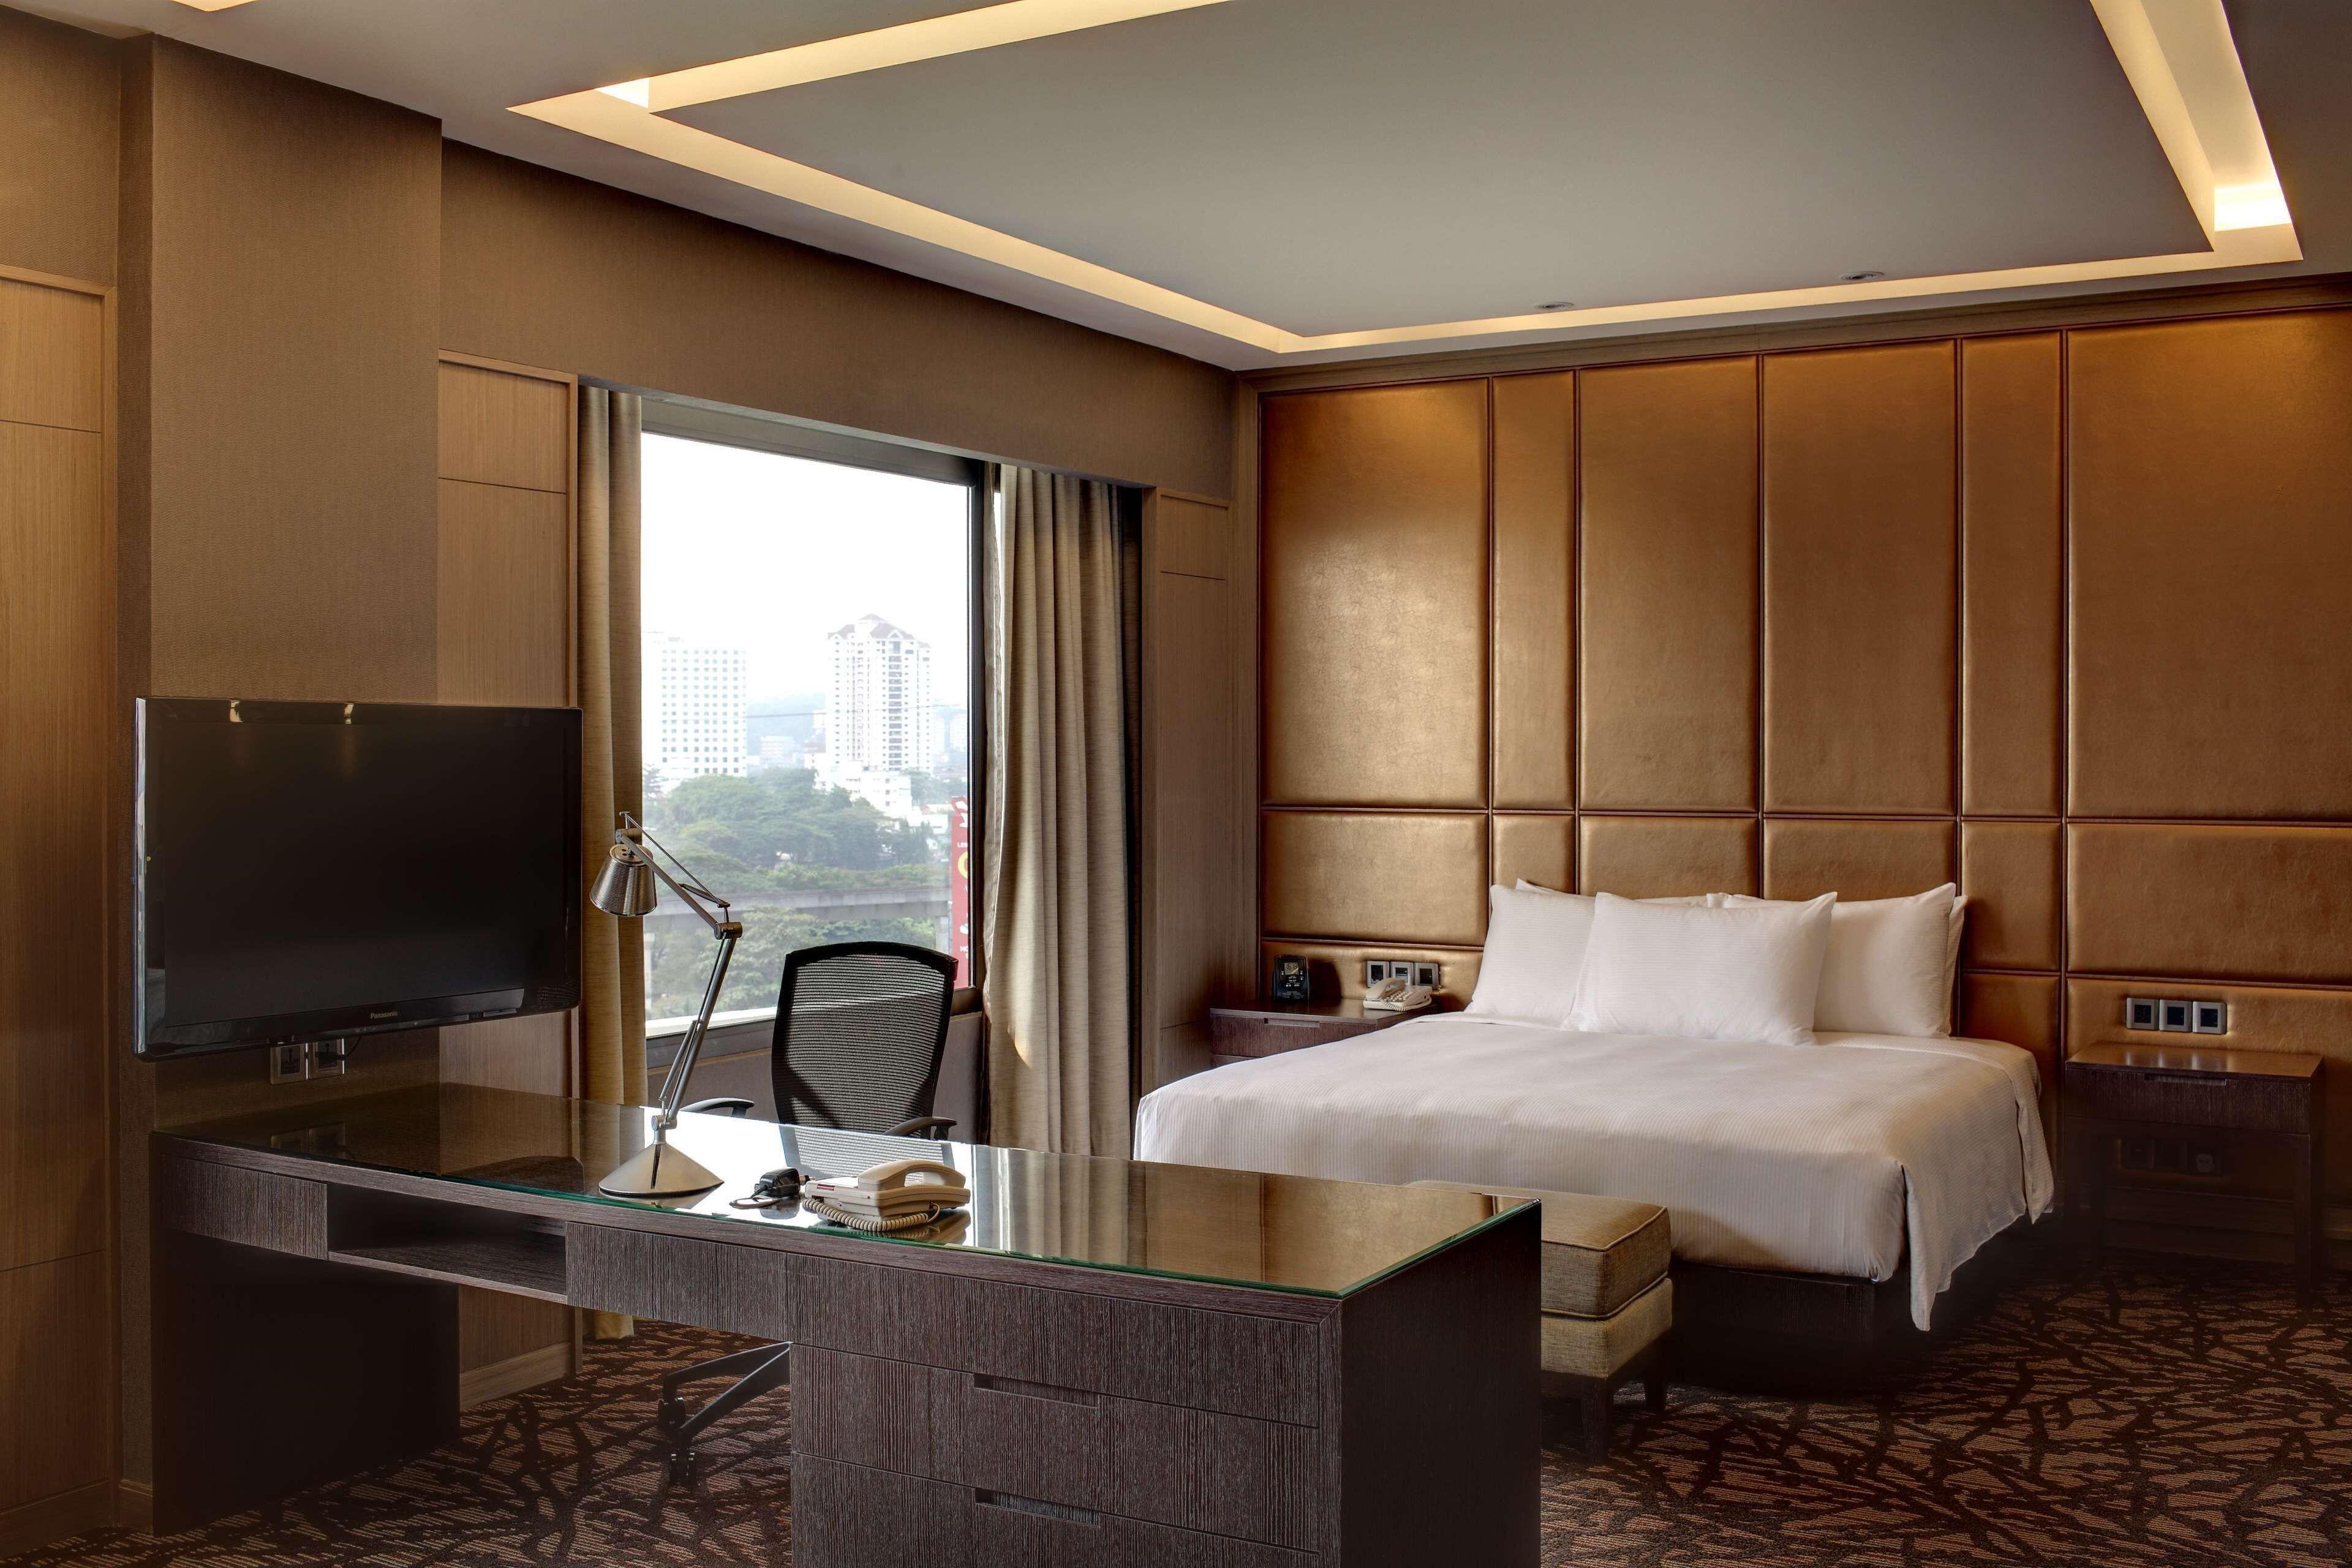 Courtesy of Hilton Petaling Jaya / Expedia